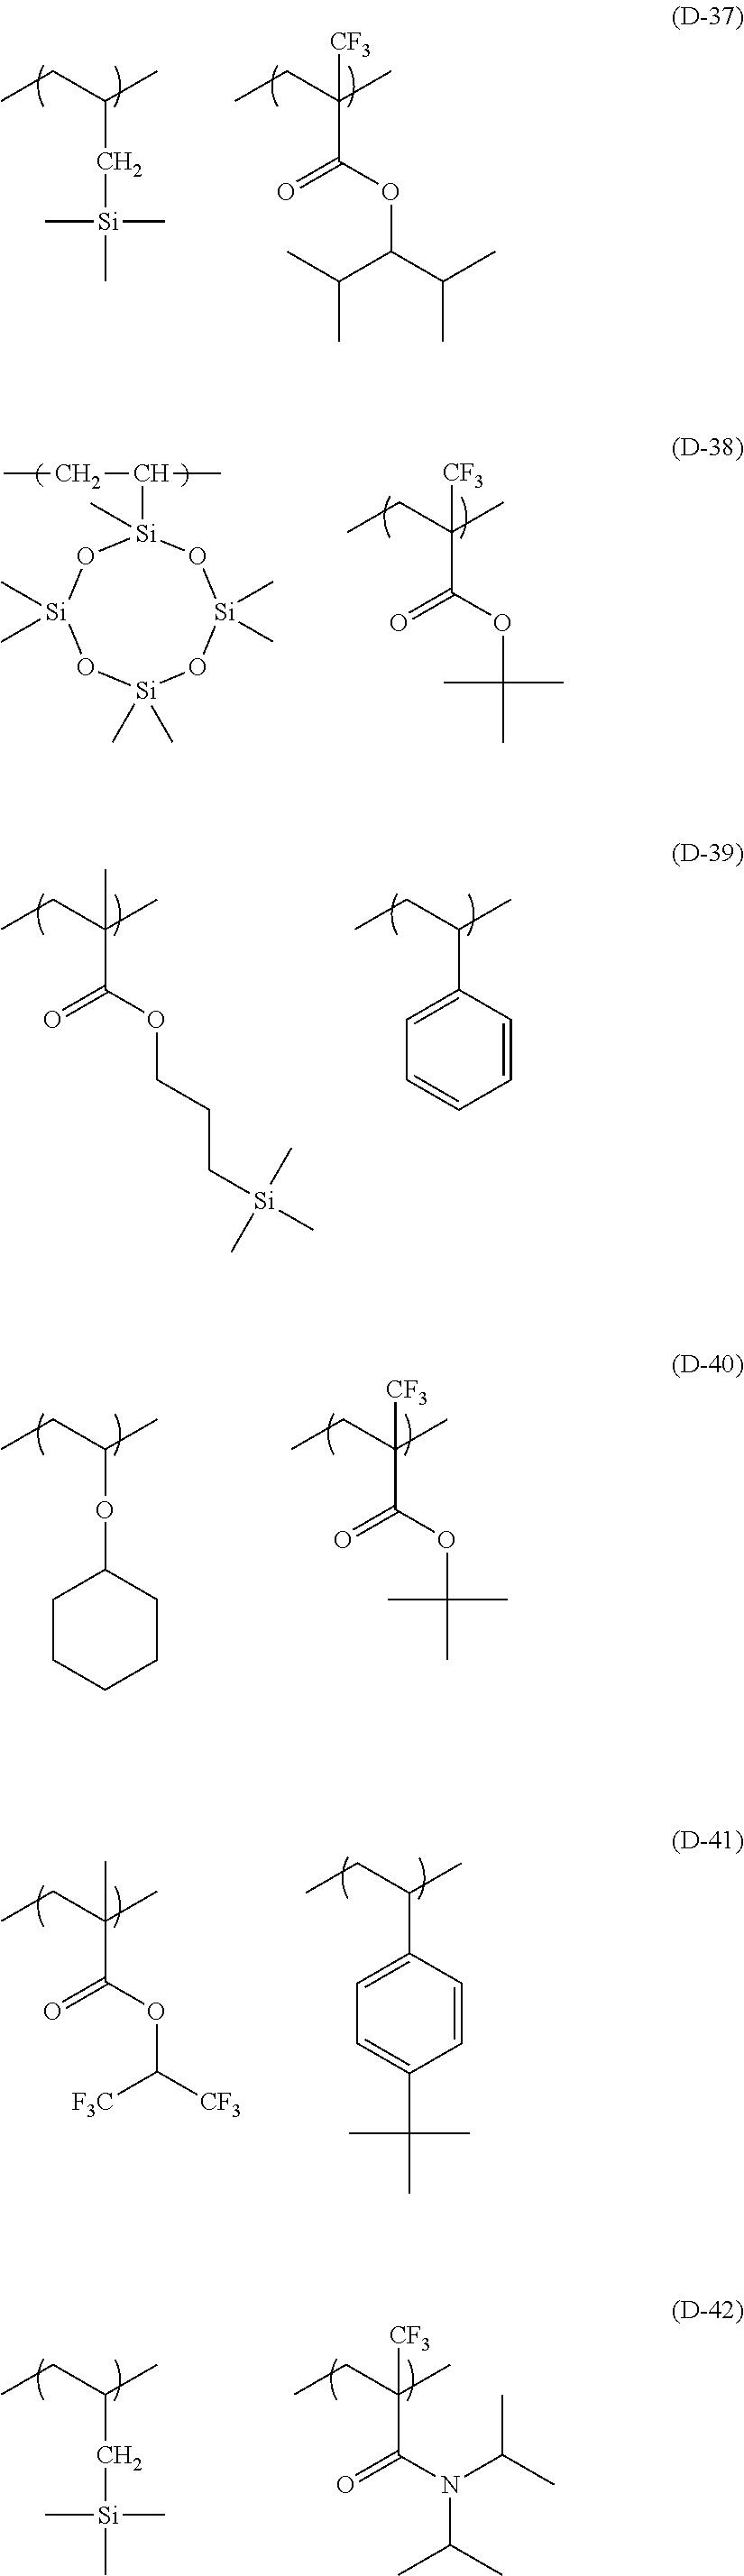 Figure US08632942-20140121-C00098